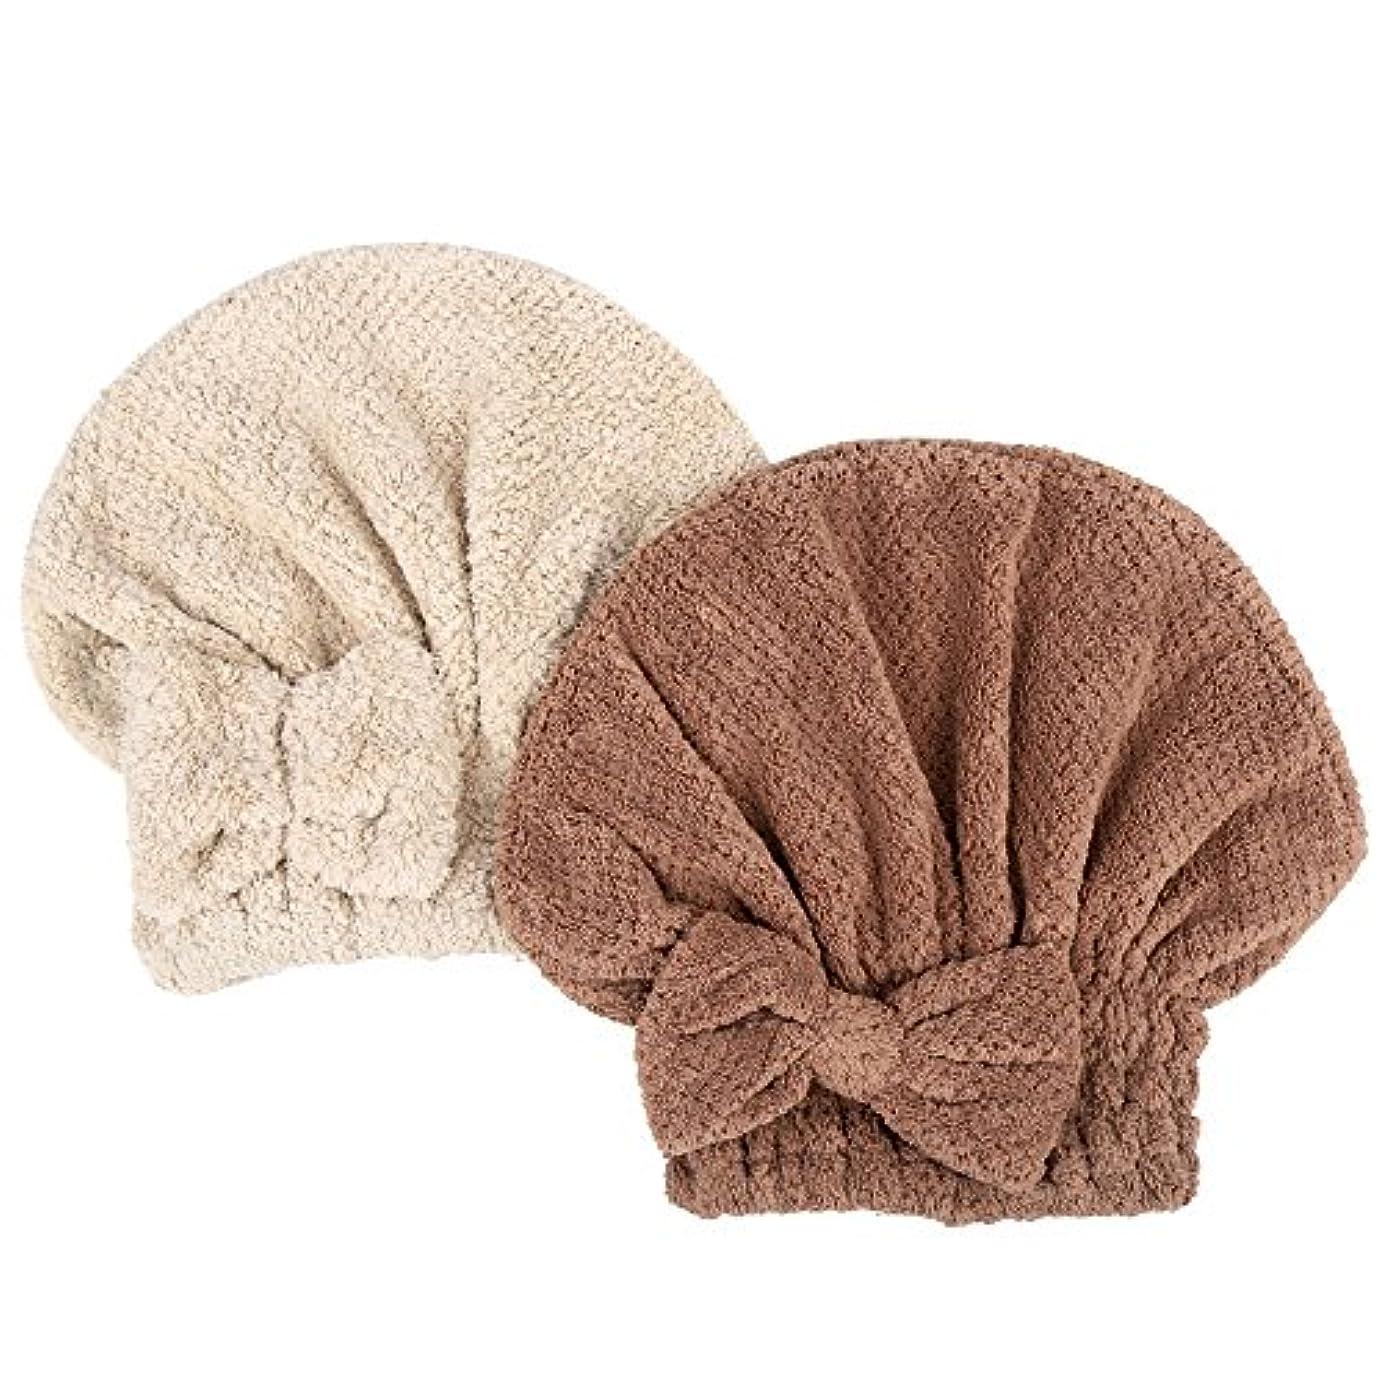 彼女の蜜符号KISENG タオルキャップ 2枚セット ヘアドライタオル 短髪の人向き ヘアキャップ 吸水タオル 速乾 ふわふわ お風呂 バス用品 (ベージュ+コーヒー)